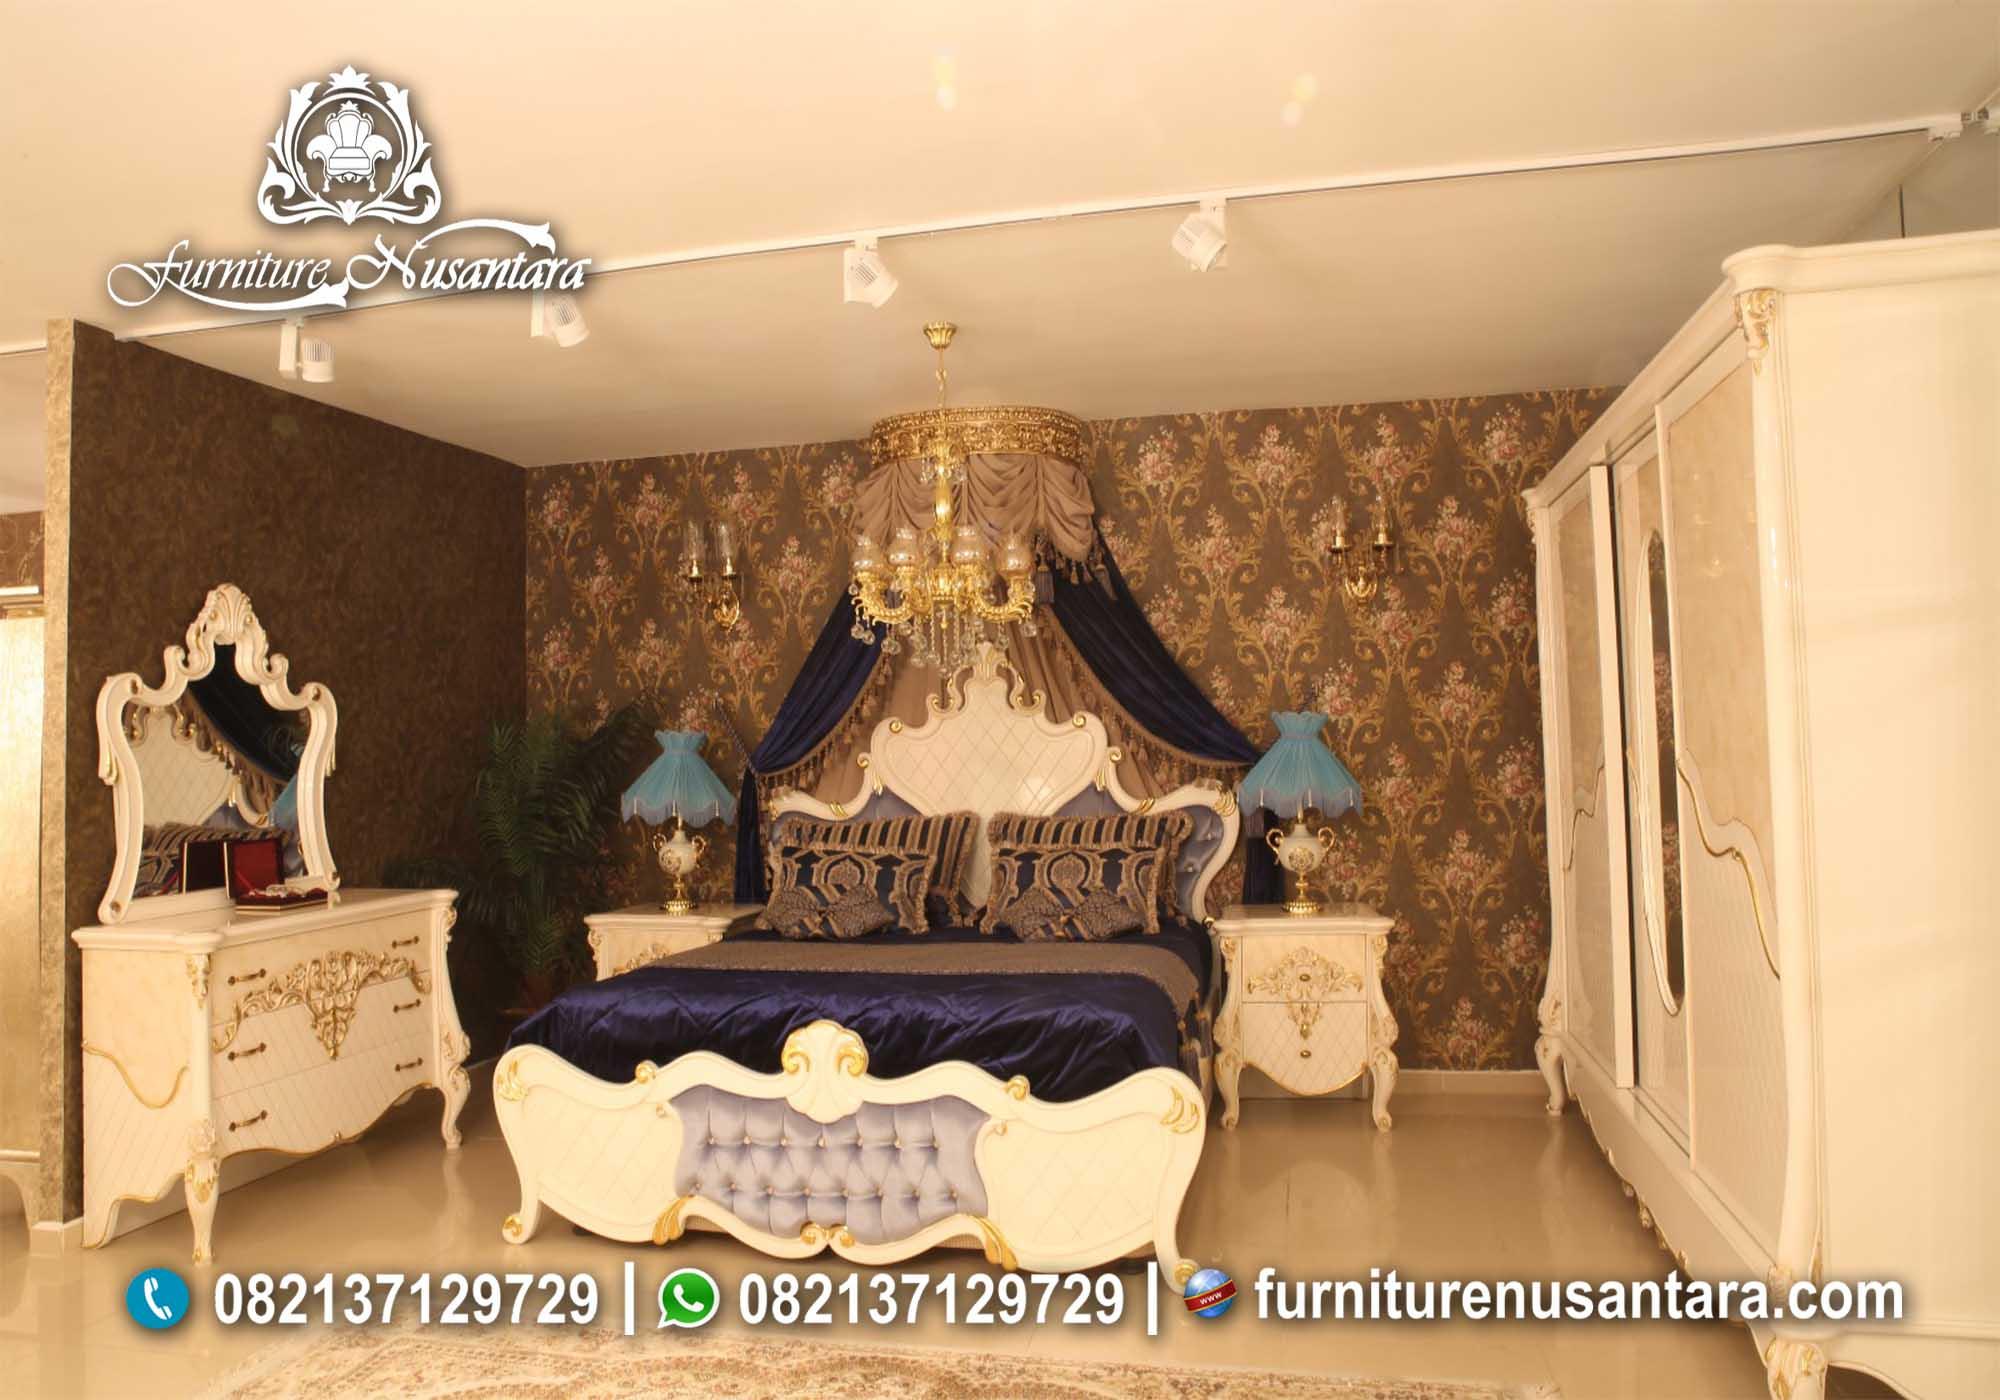 Desain Kamar Set Duco Mewah KS-68, Furniture Nusantara